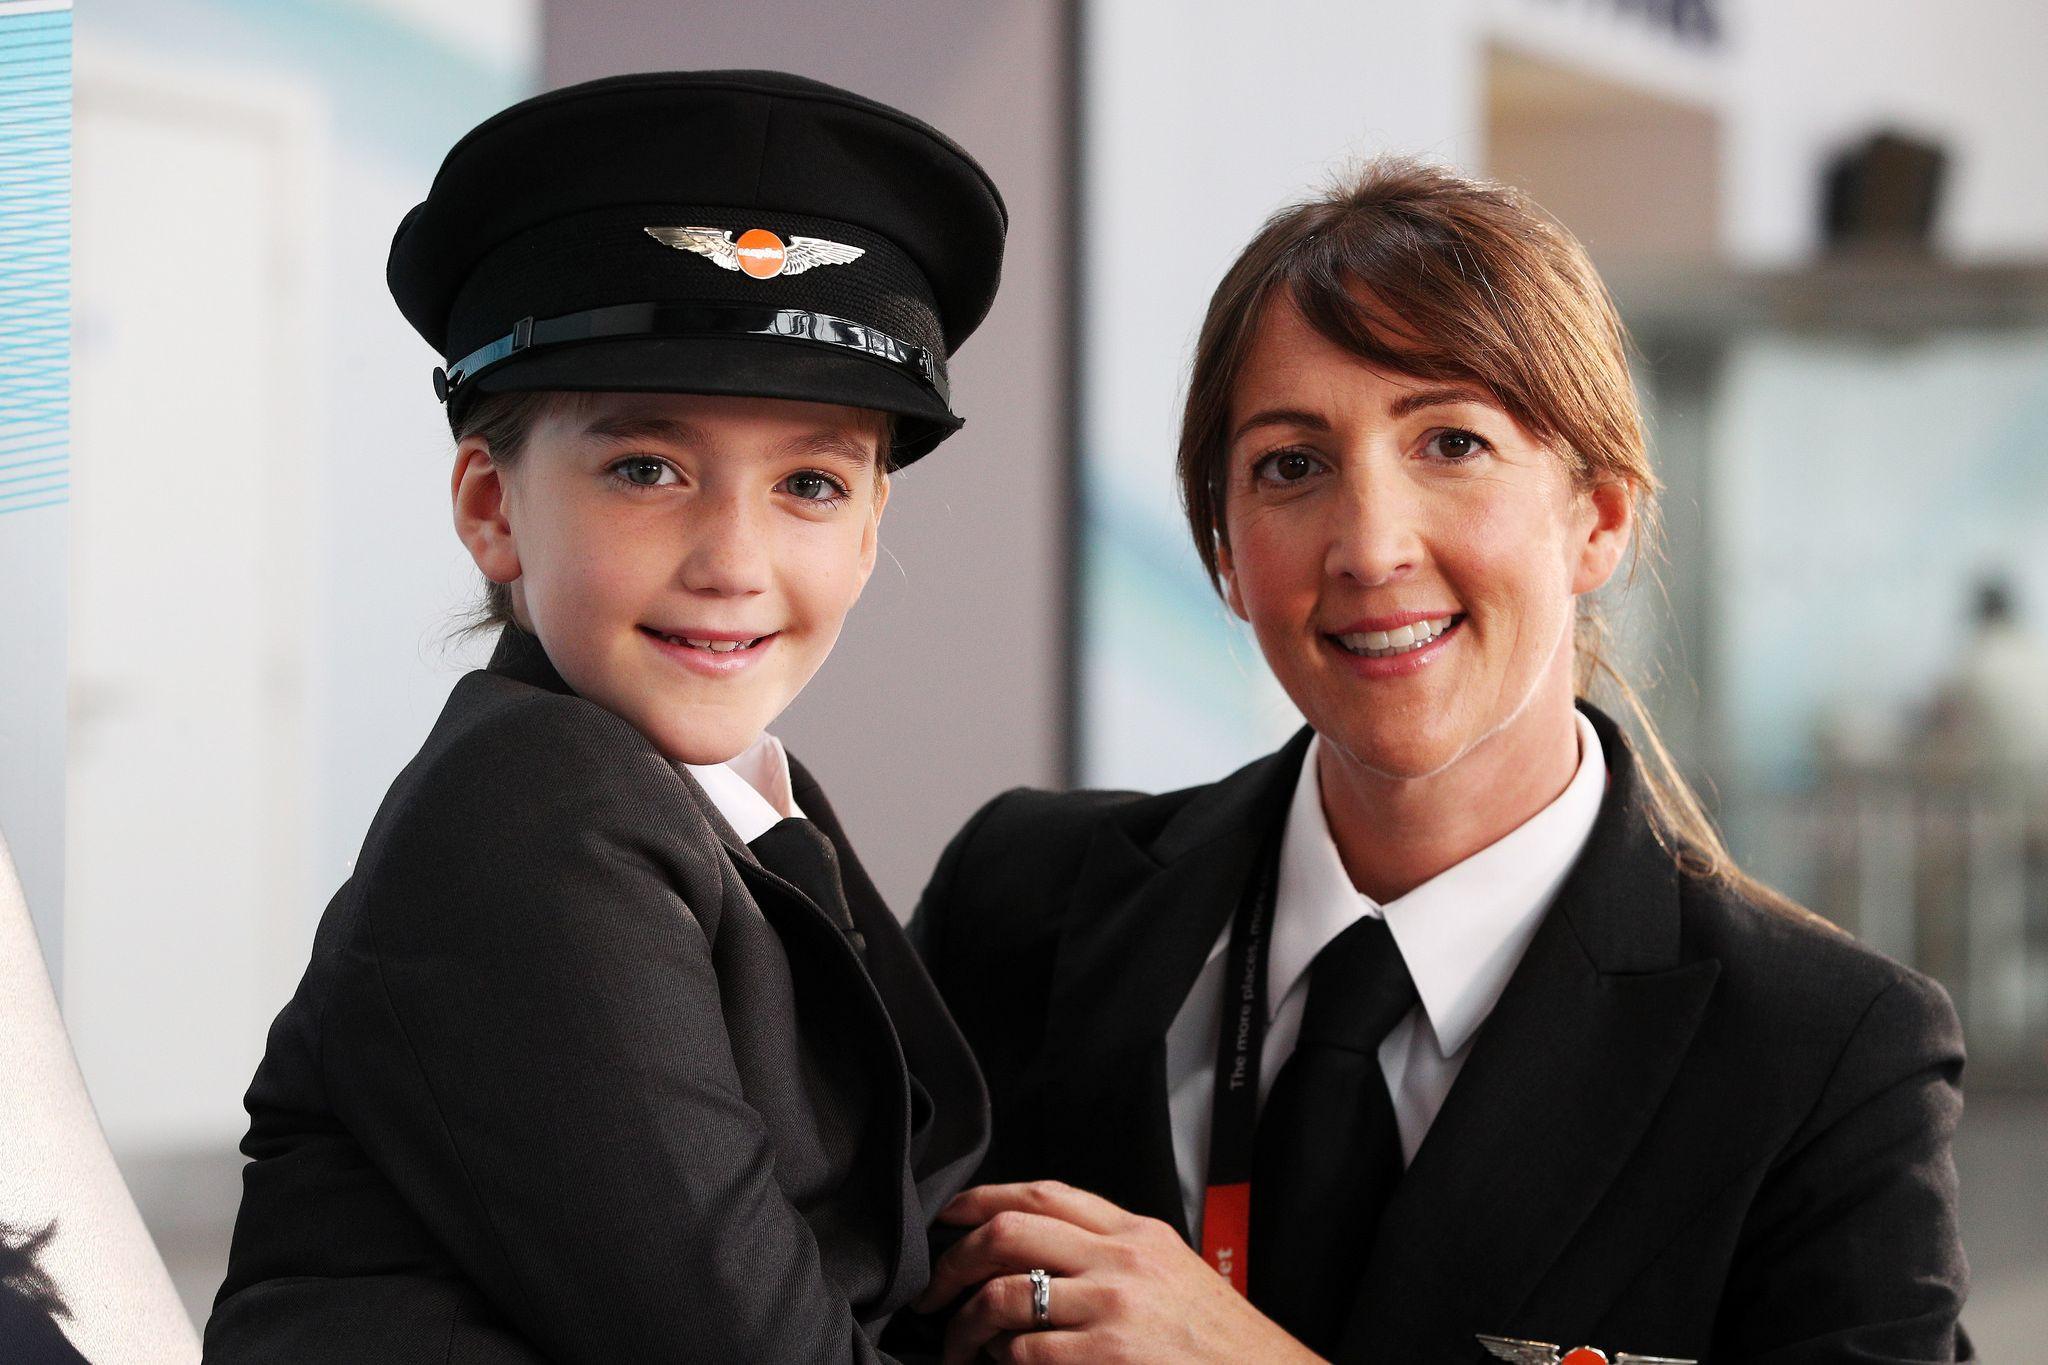 easyJetlança campanha por mais mulheres na indústria de aviação